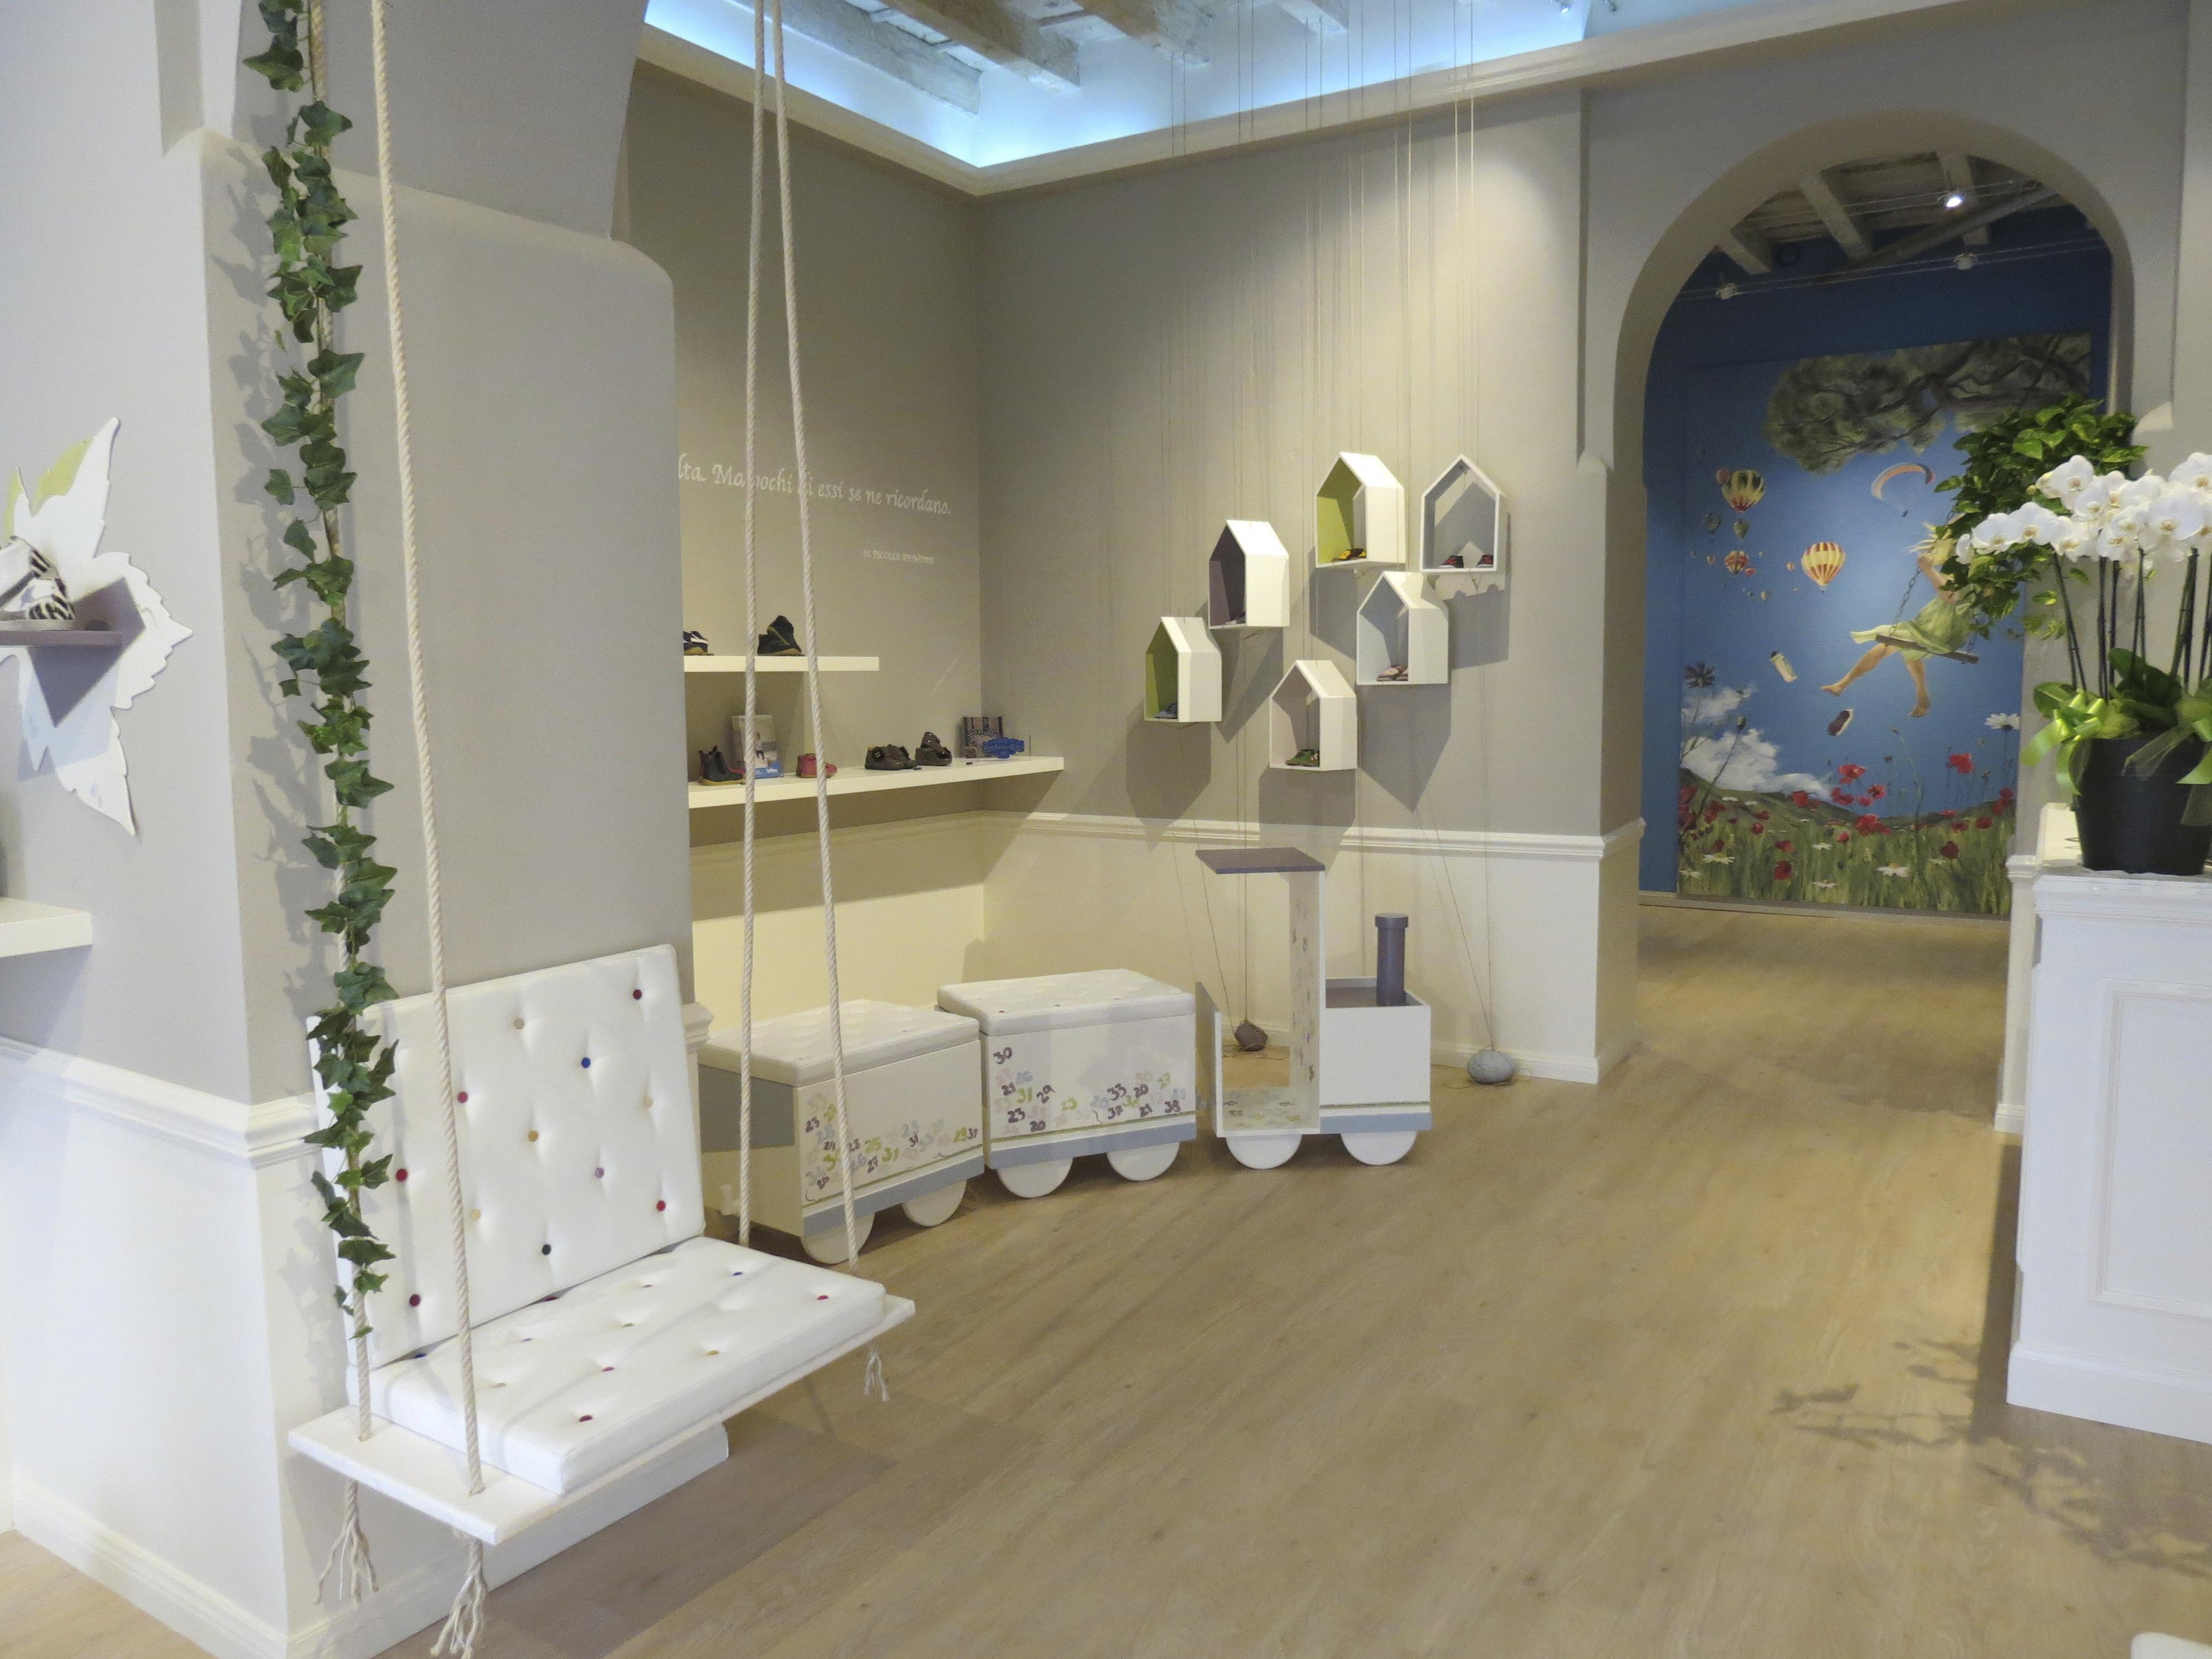 Negozi di scarpe negozio di scarpe per bambini instudio for Negozi di mobili di design atlanta